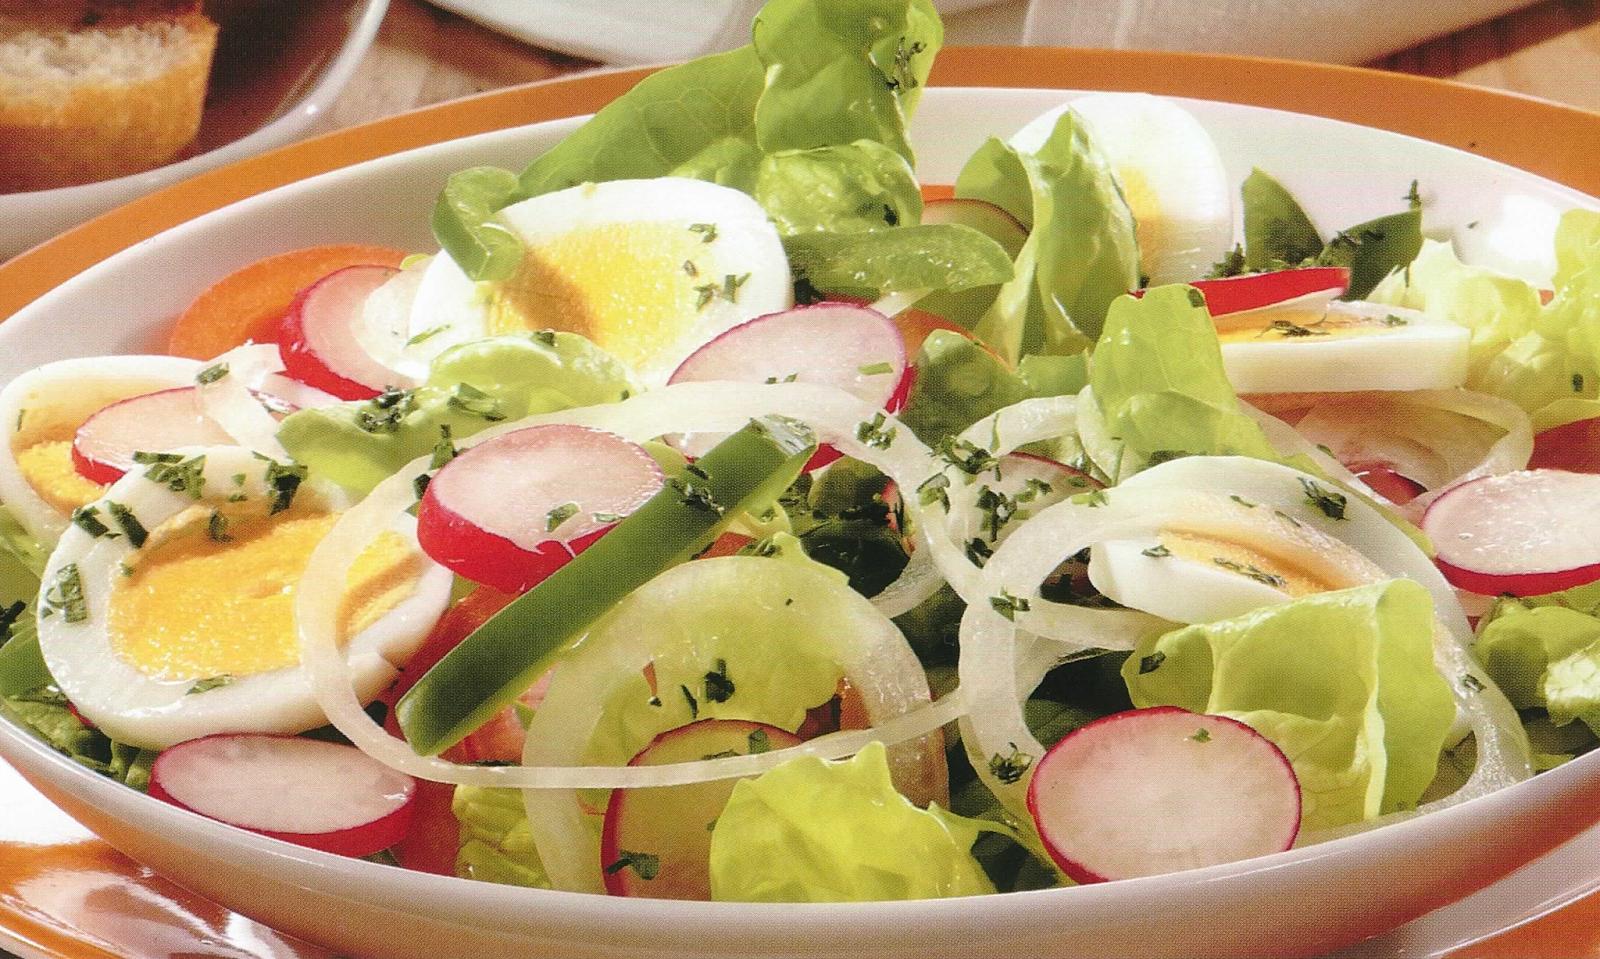 La dieta alea blog de nutrici n y diet tica trucos para - Comida sana y facil para adelgazar ...